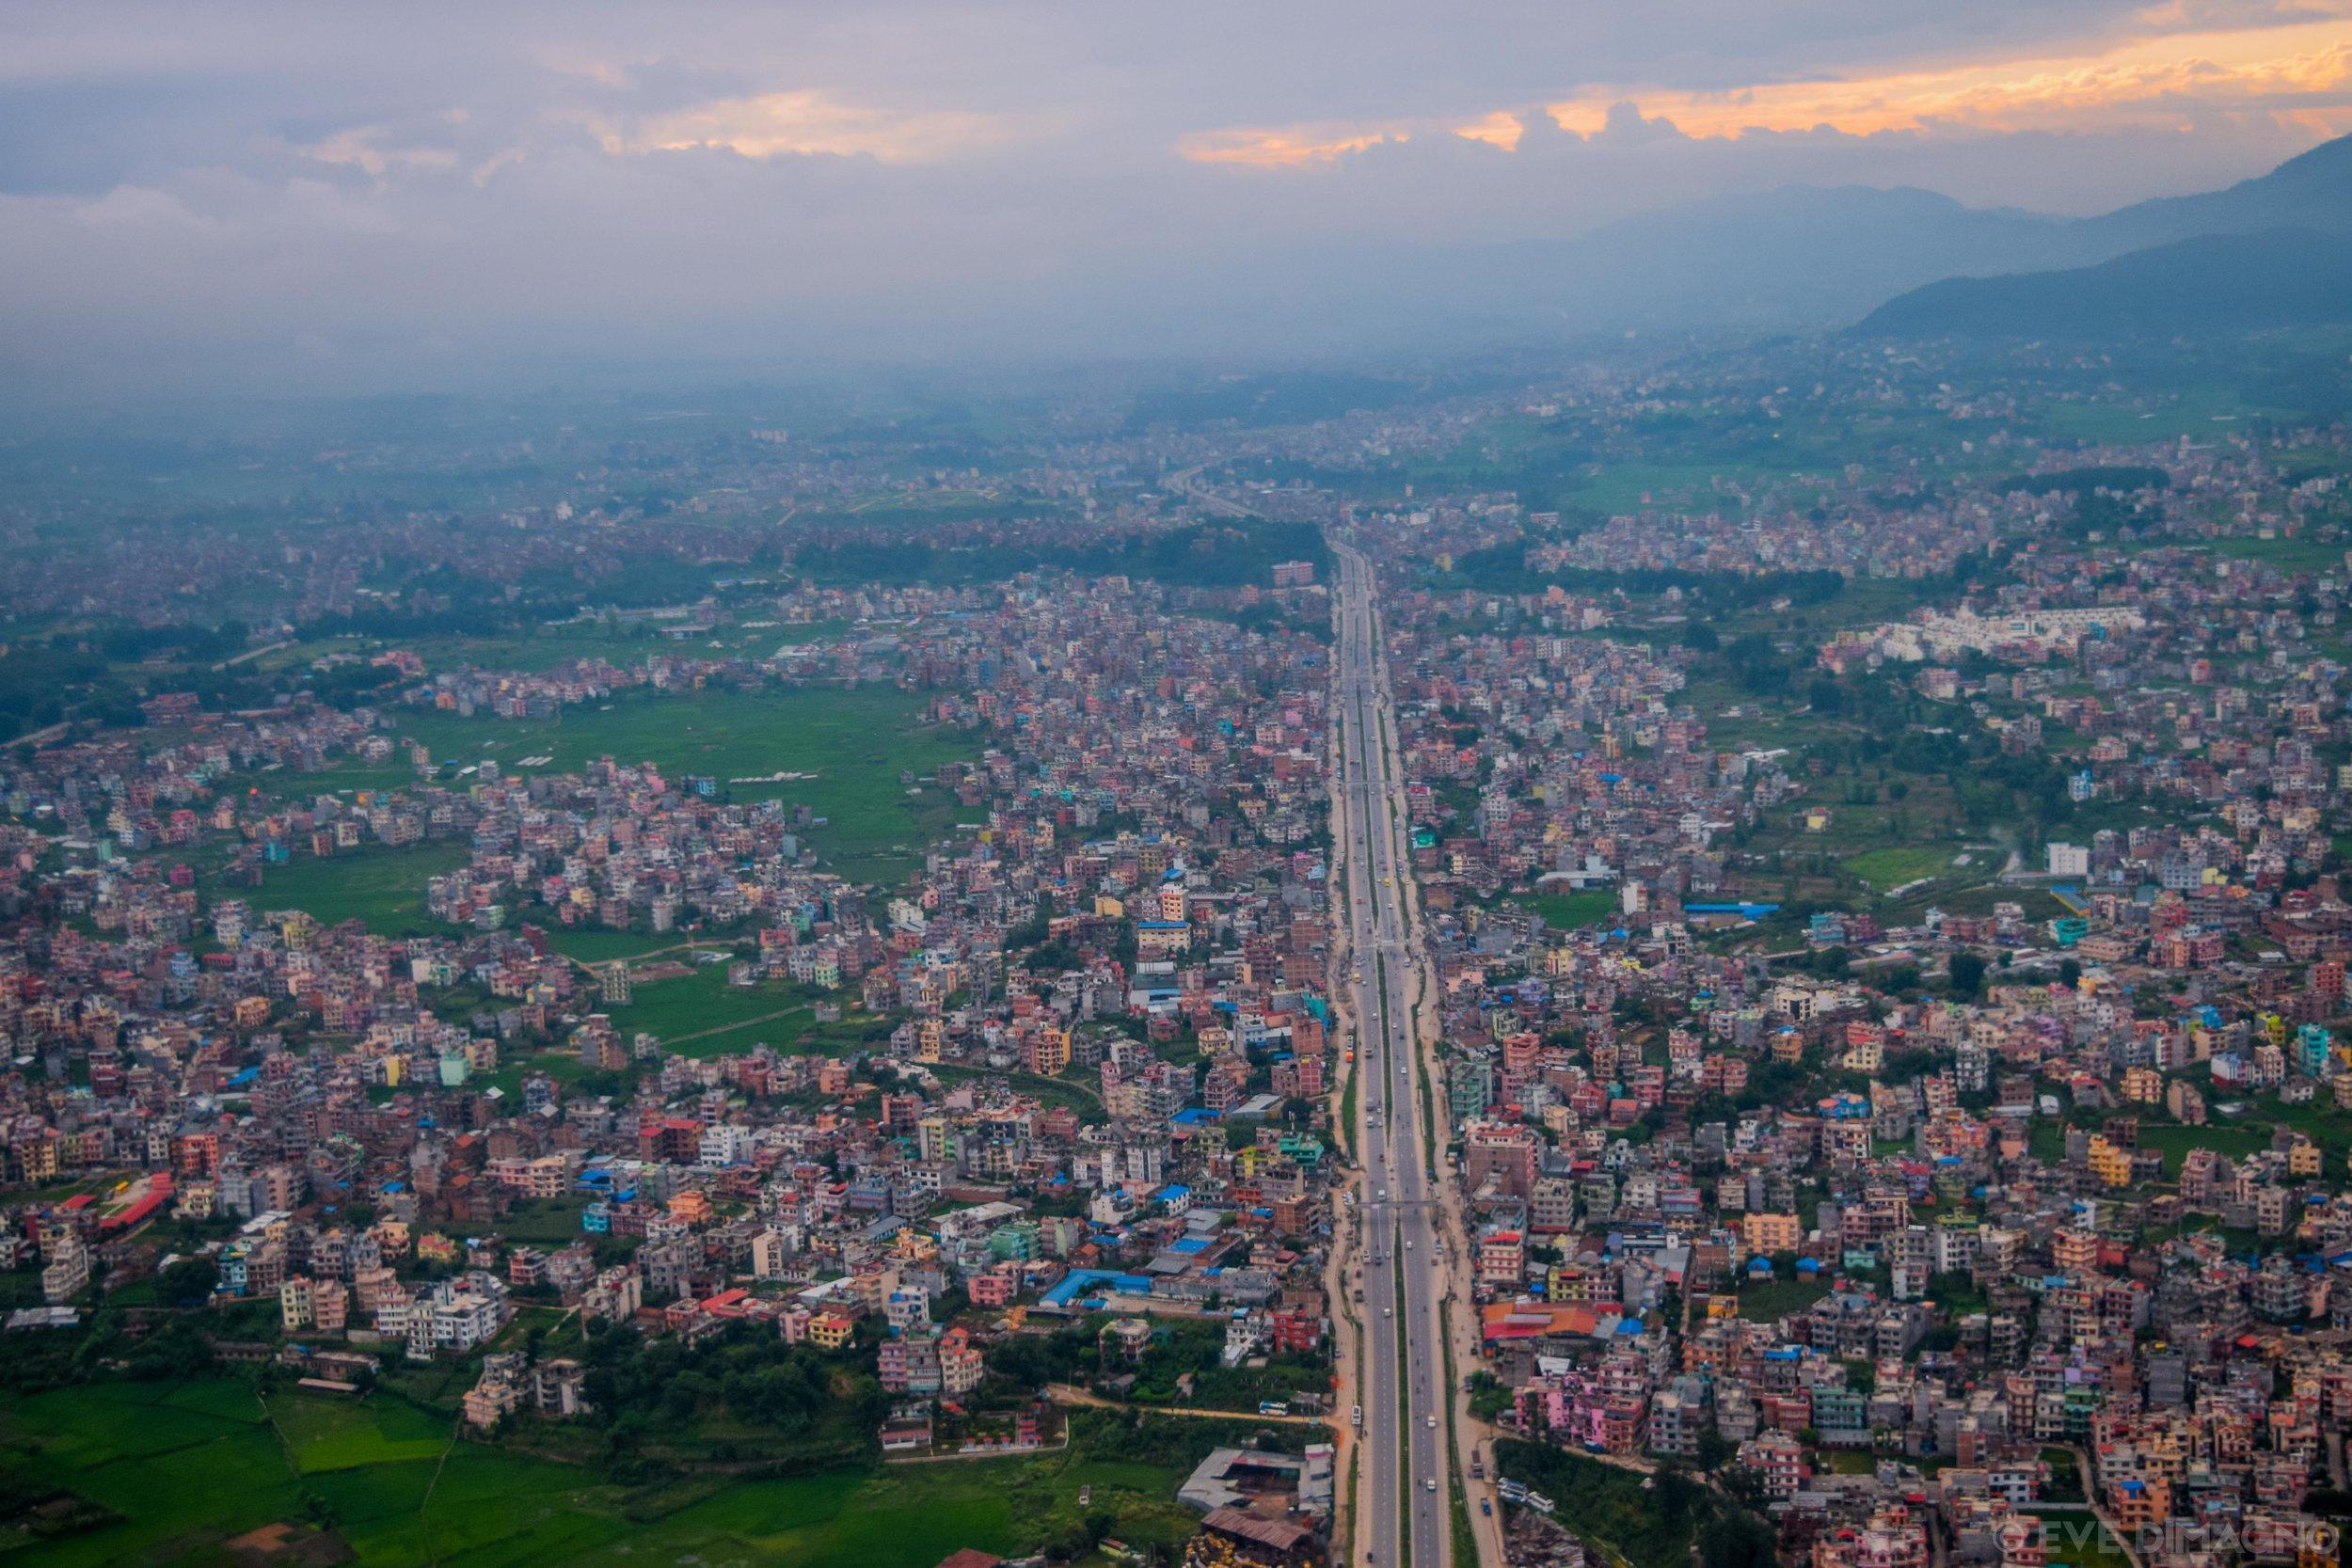 Kathmandu from the air